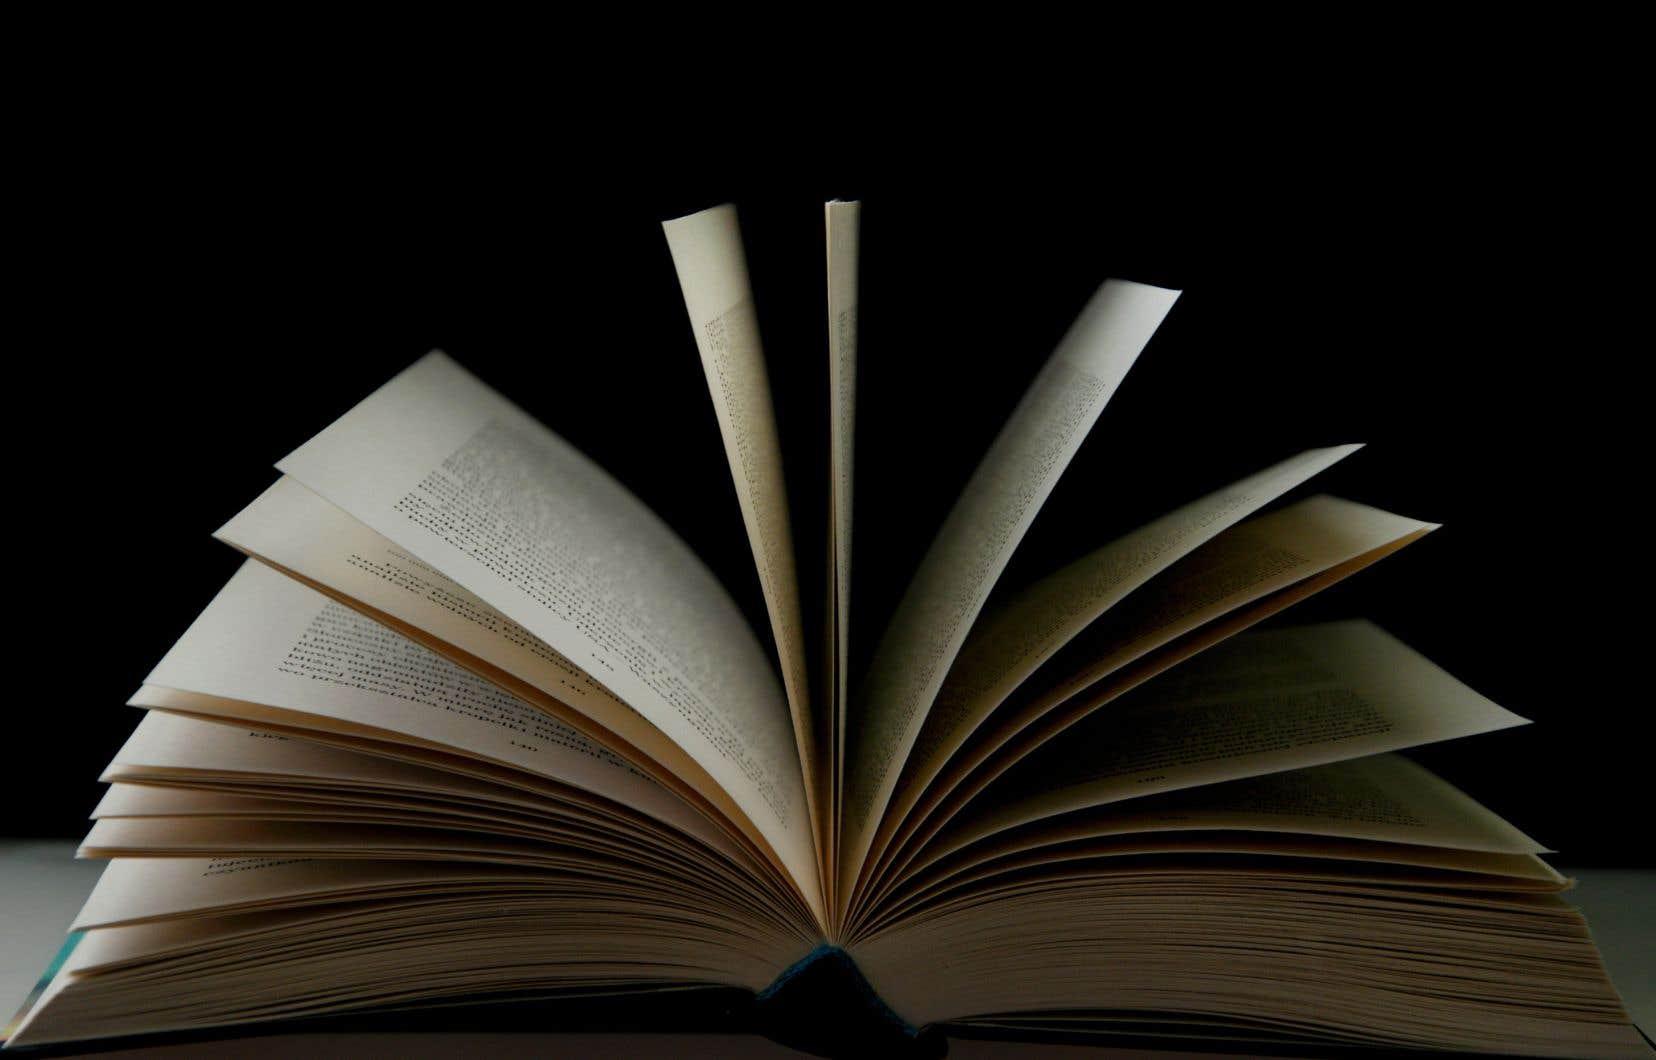 Selon l'UNEQ, la non-réglementation du secteur ouvre la porte à des clauses abusives dans les contrats d'édition, liés notamment aux droits d'exclusivité.